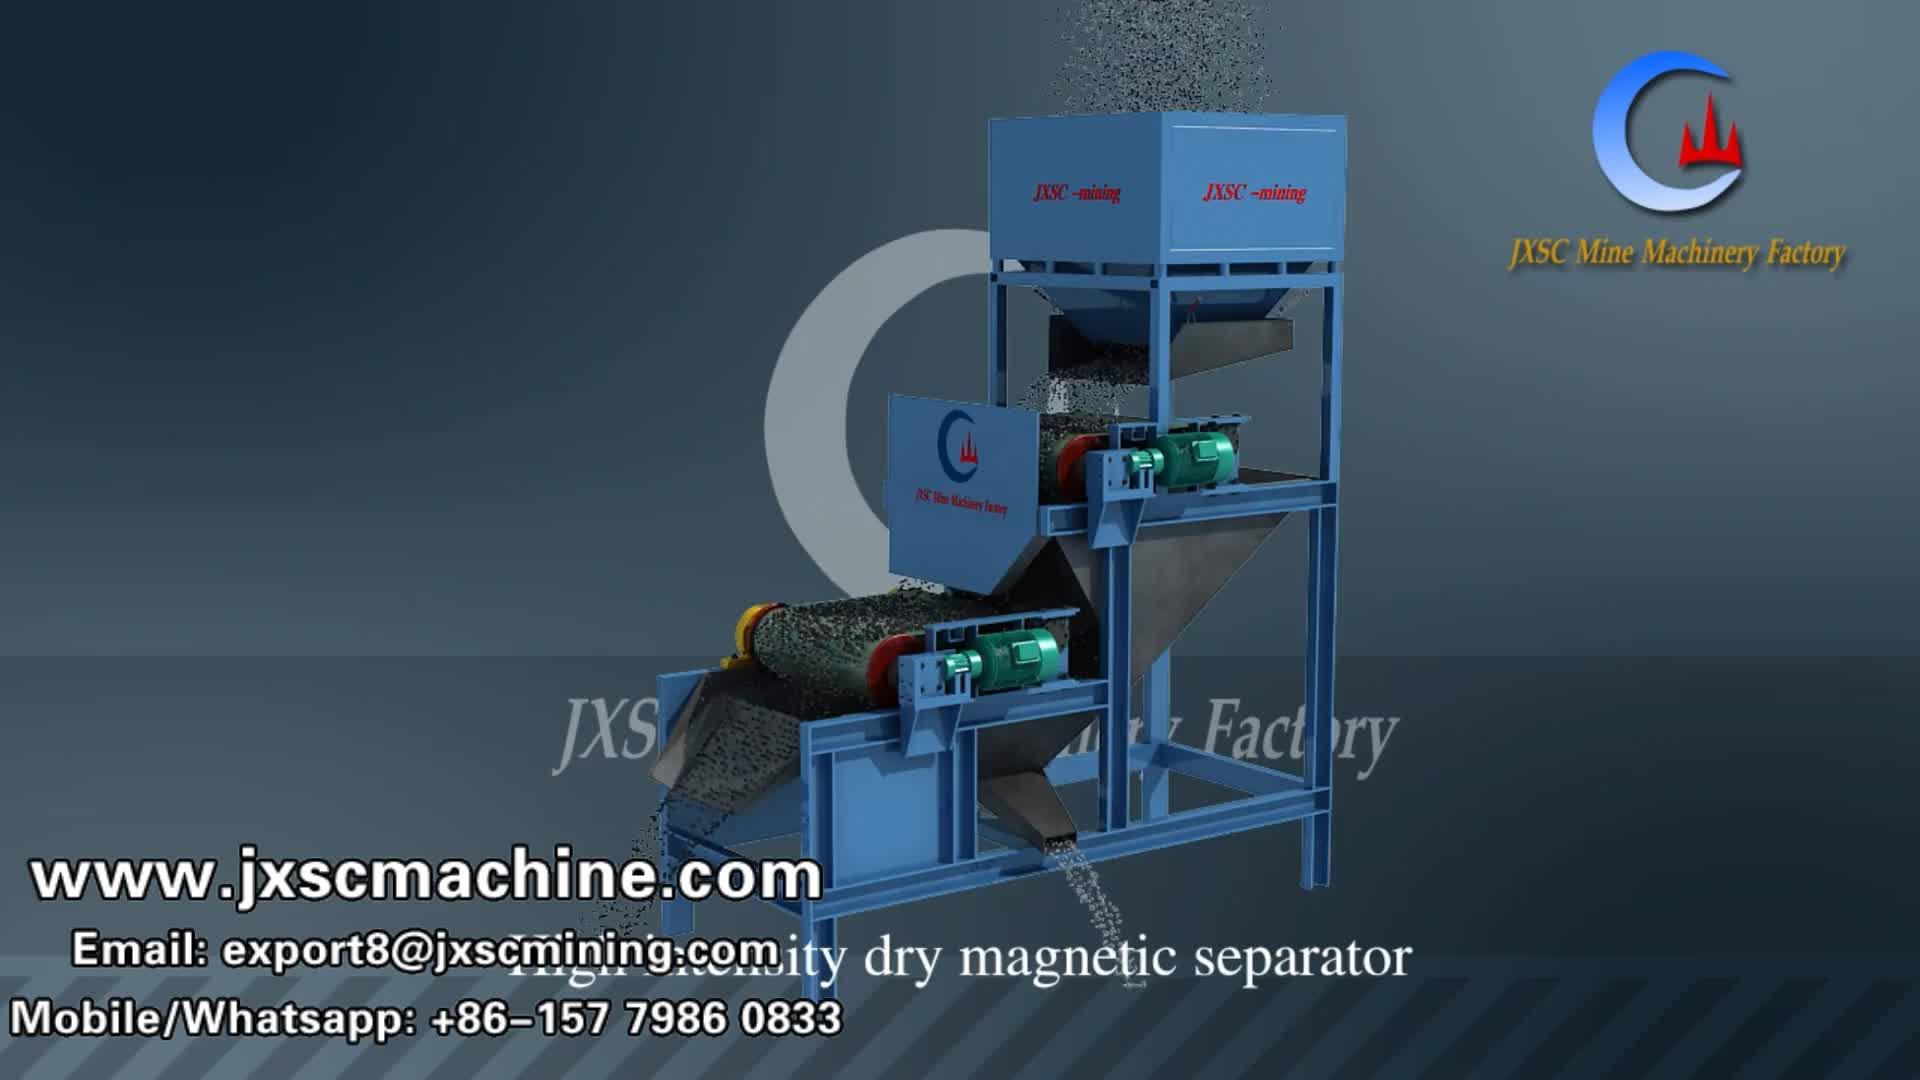 Hohe Intensität Magnetische Separator Weit Genehmigt Magnetische Separator Roller Große Kapazität Magnetische Trennung von Eisen Erz